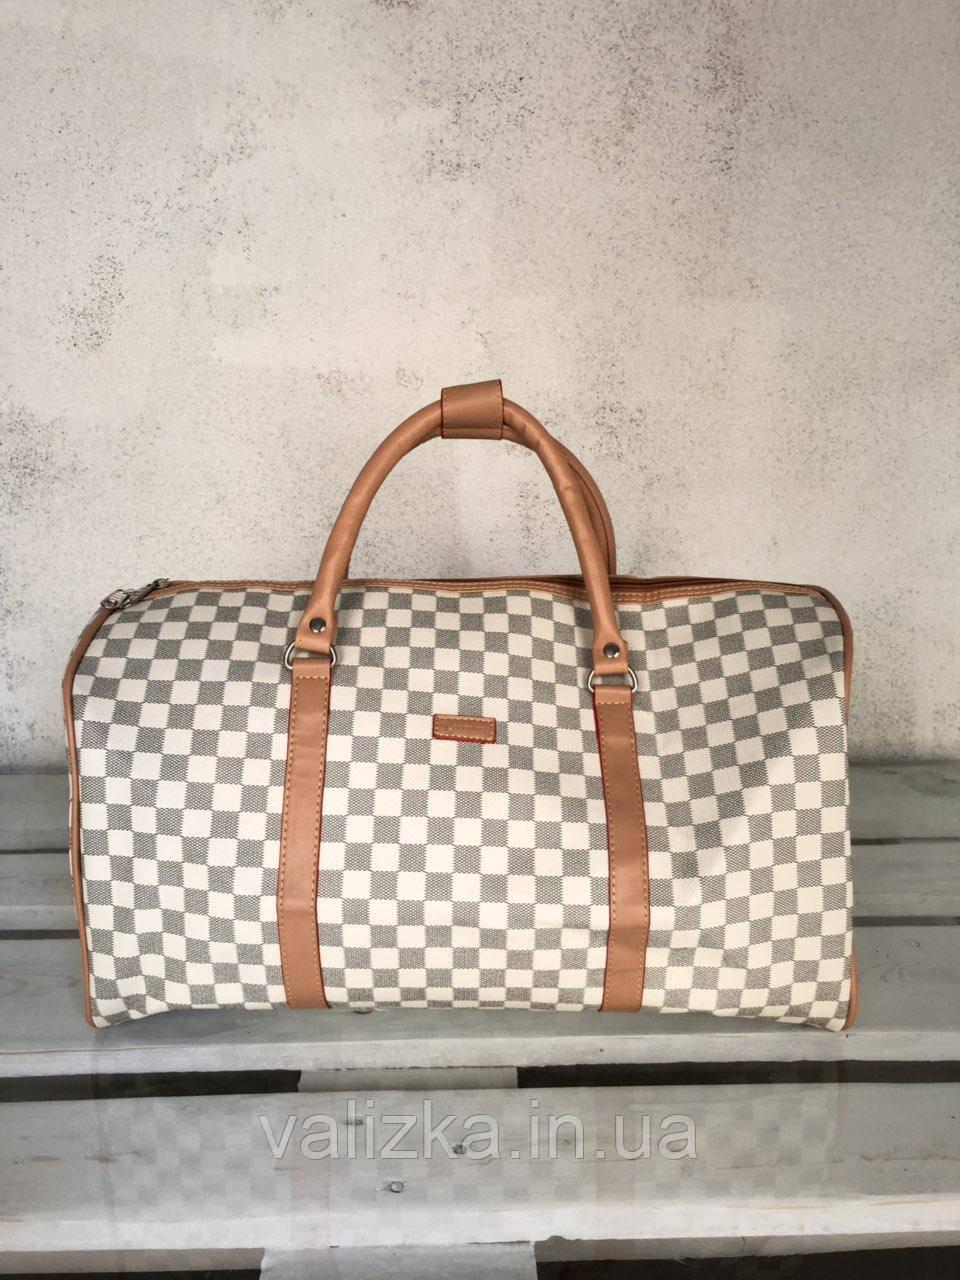 Дорожная сумка из эко кожи ручная кладь / Саквояж дорожный под LV